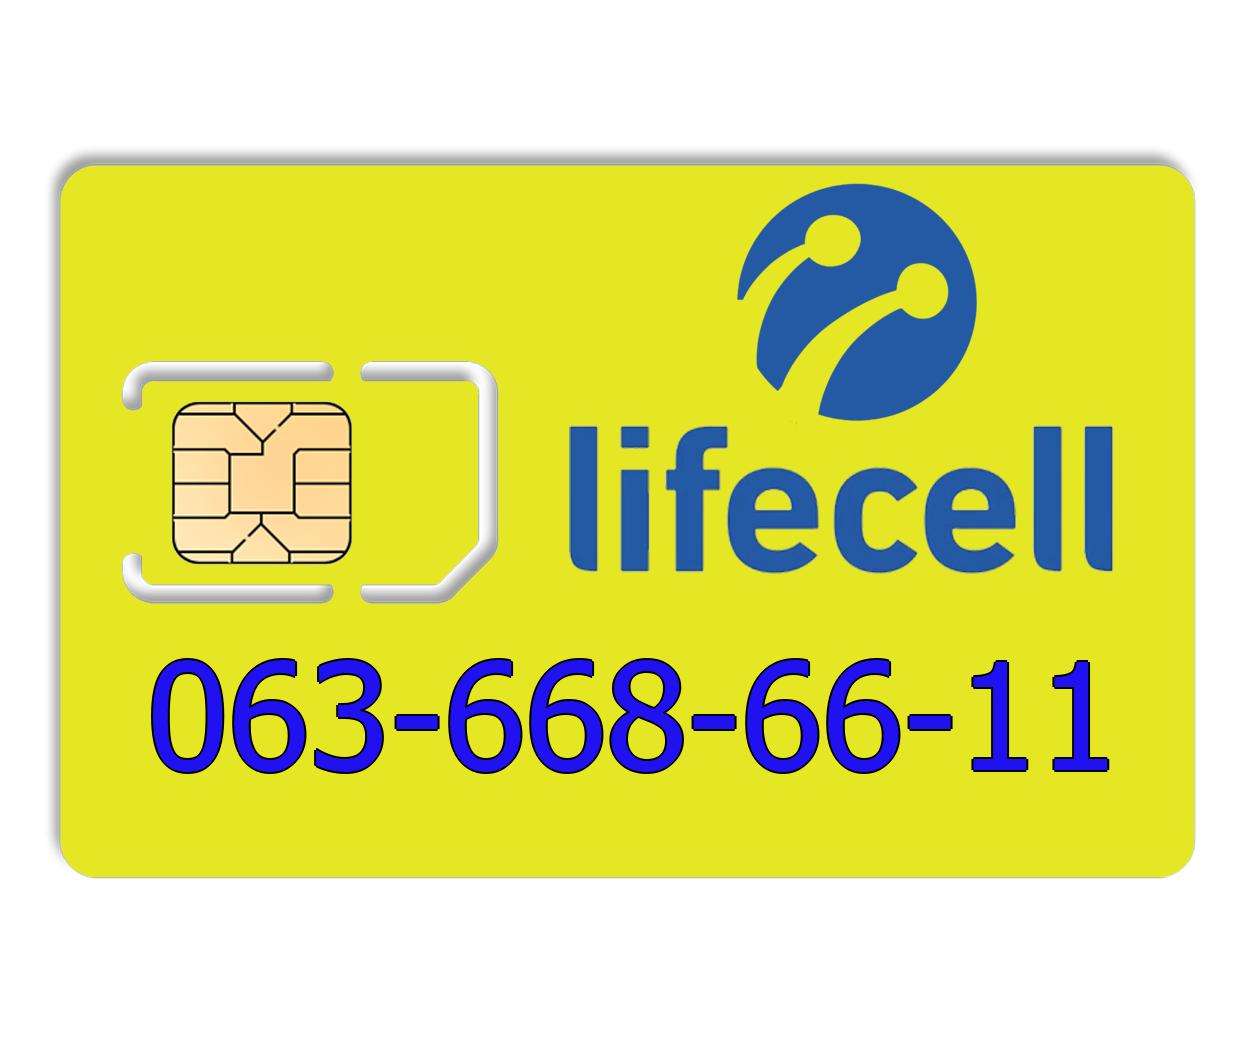 Красивый номер lifecell 063-668-66-11